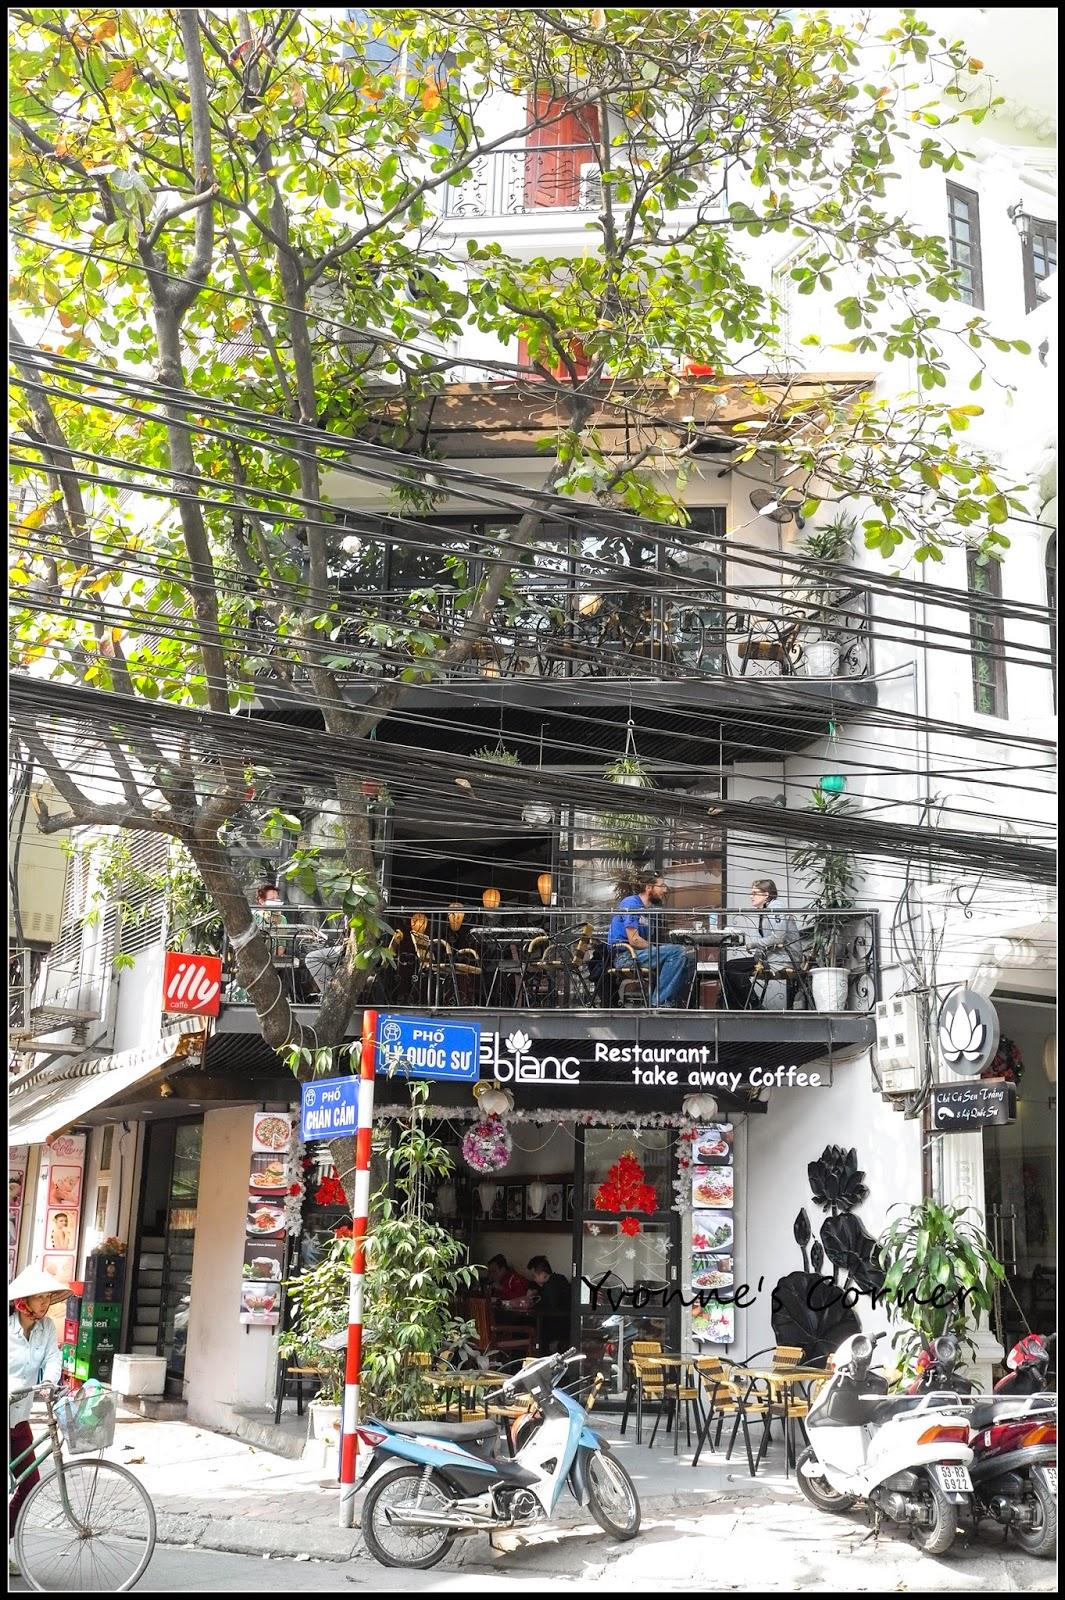 2015 越南之旅 day 8, 偽法國之旅 @ 河內